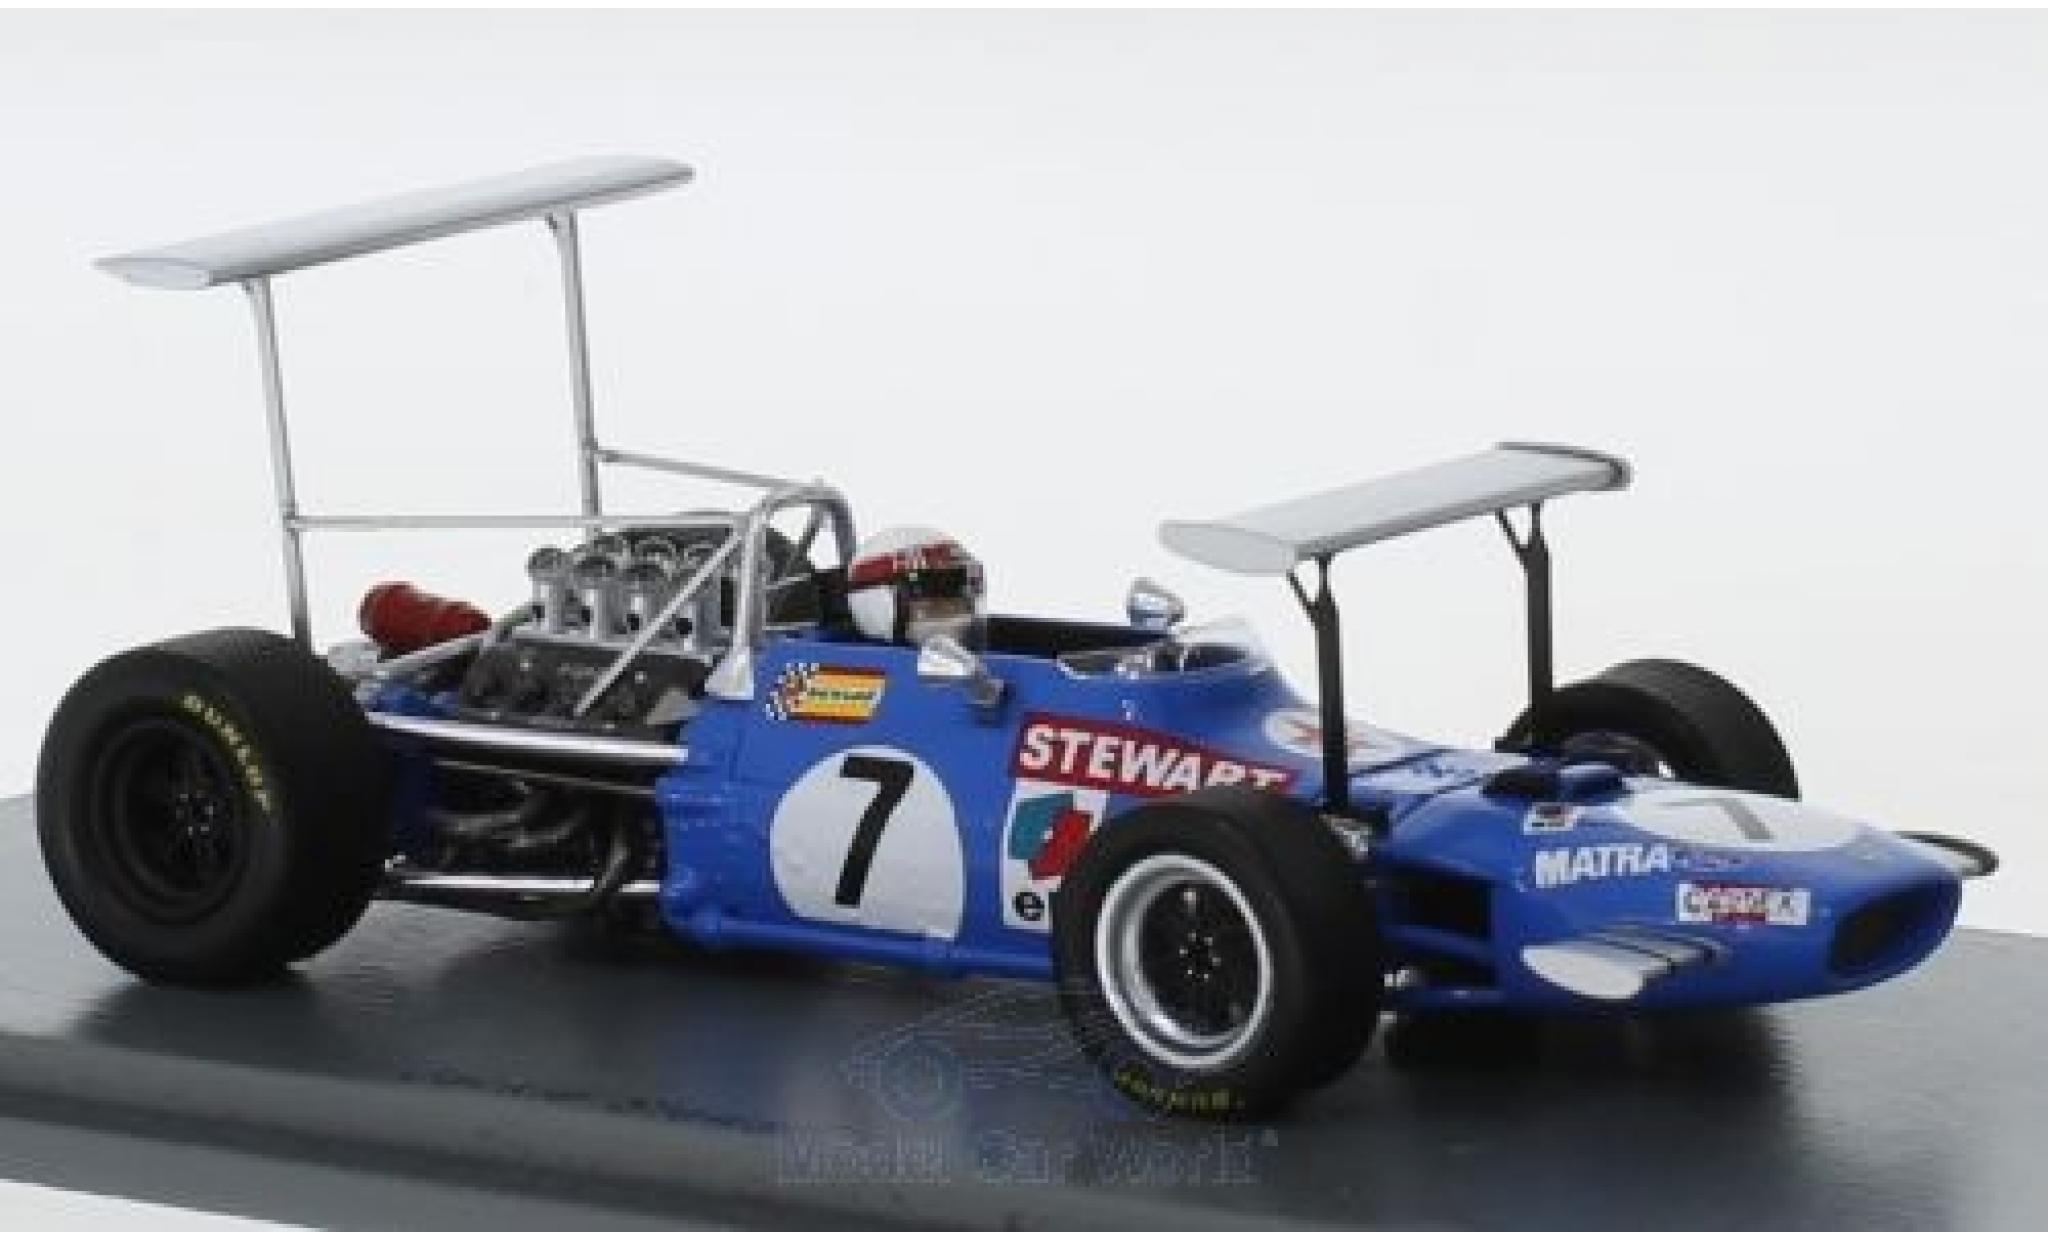 Matra MS1 1/43 Spark 0 No.7 Formel 1 GP South Afrika 1969 J.Stewart